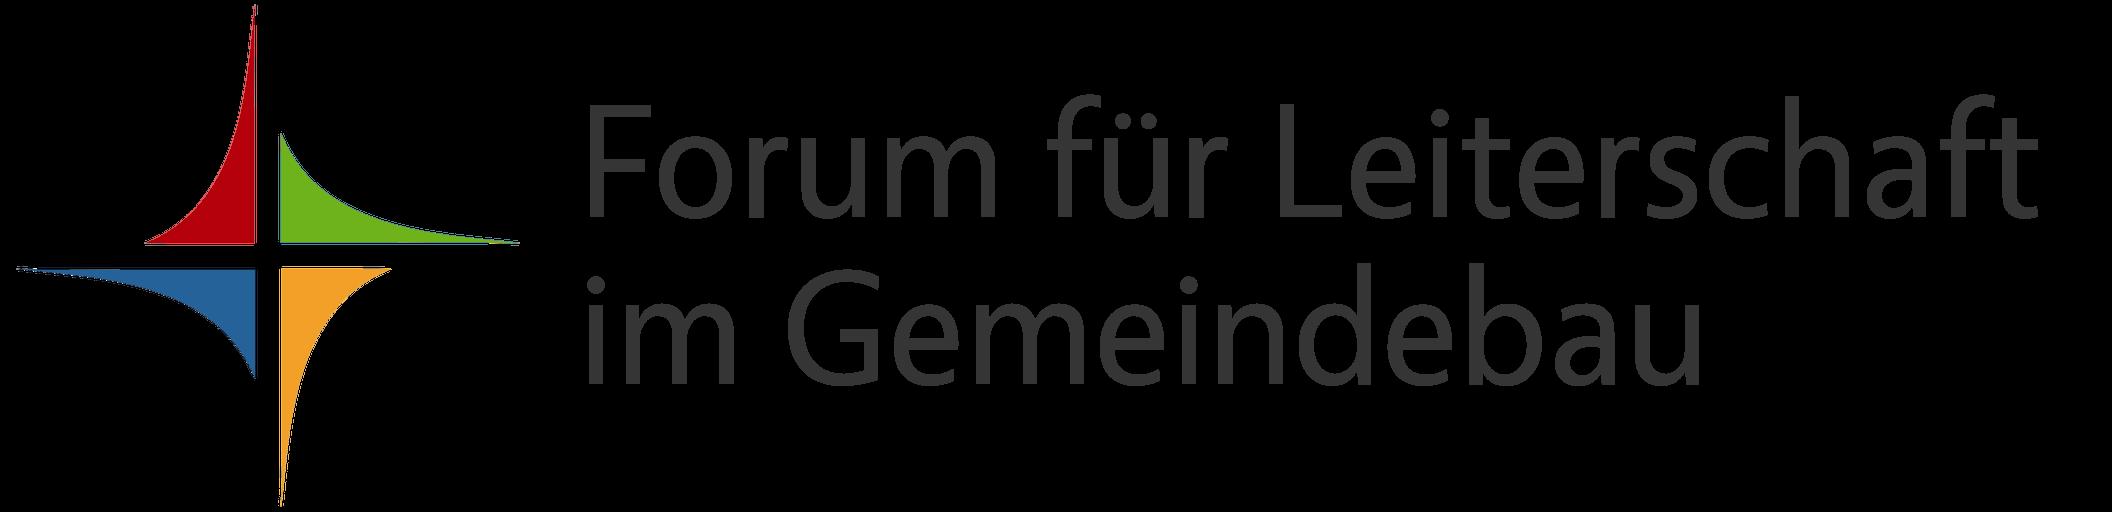 Forum für Leiterschaft im Gemeindebau